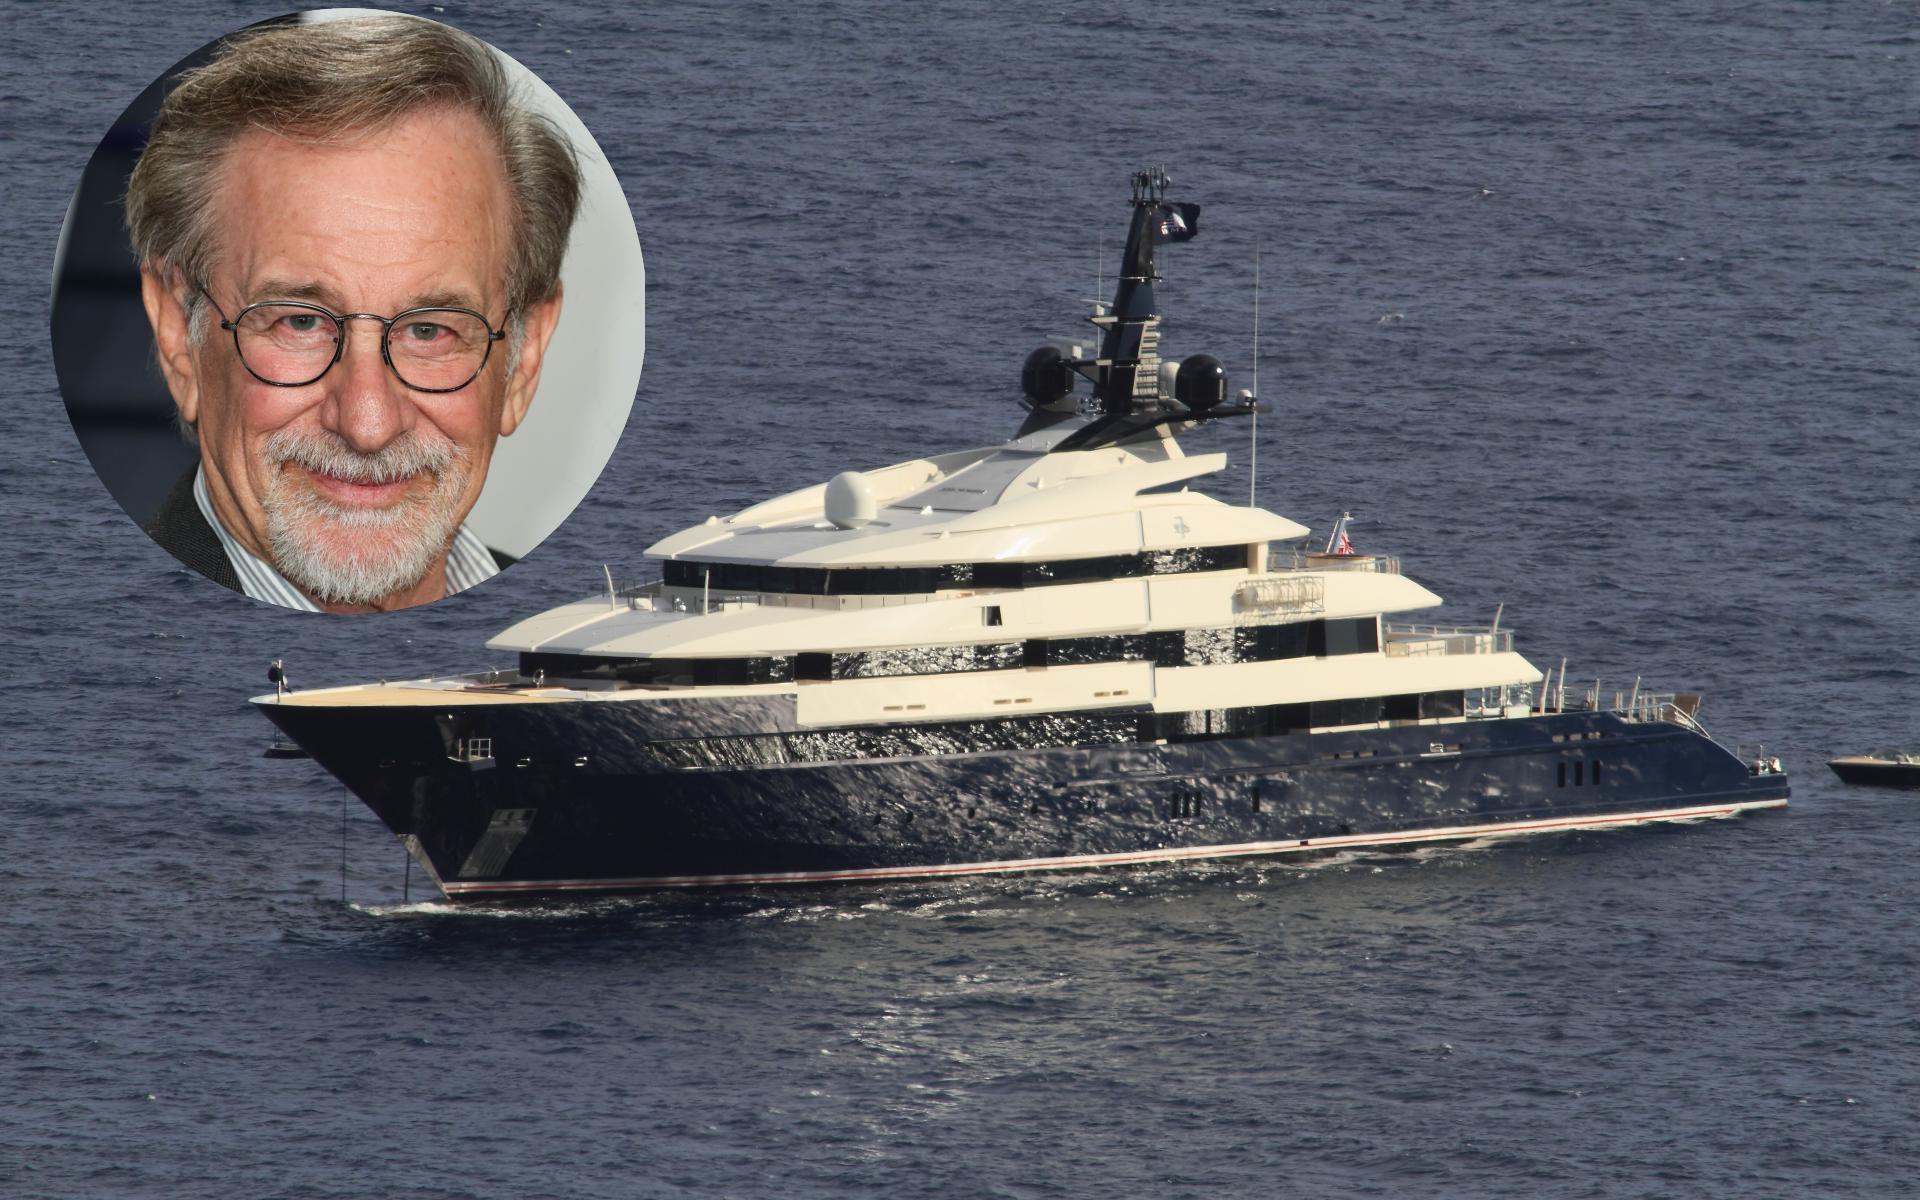 Visita guiada al superyate de 130 millones de euros de Steven Spielberg